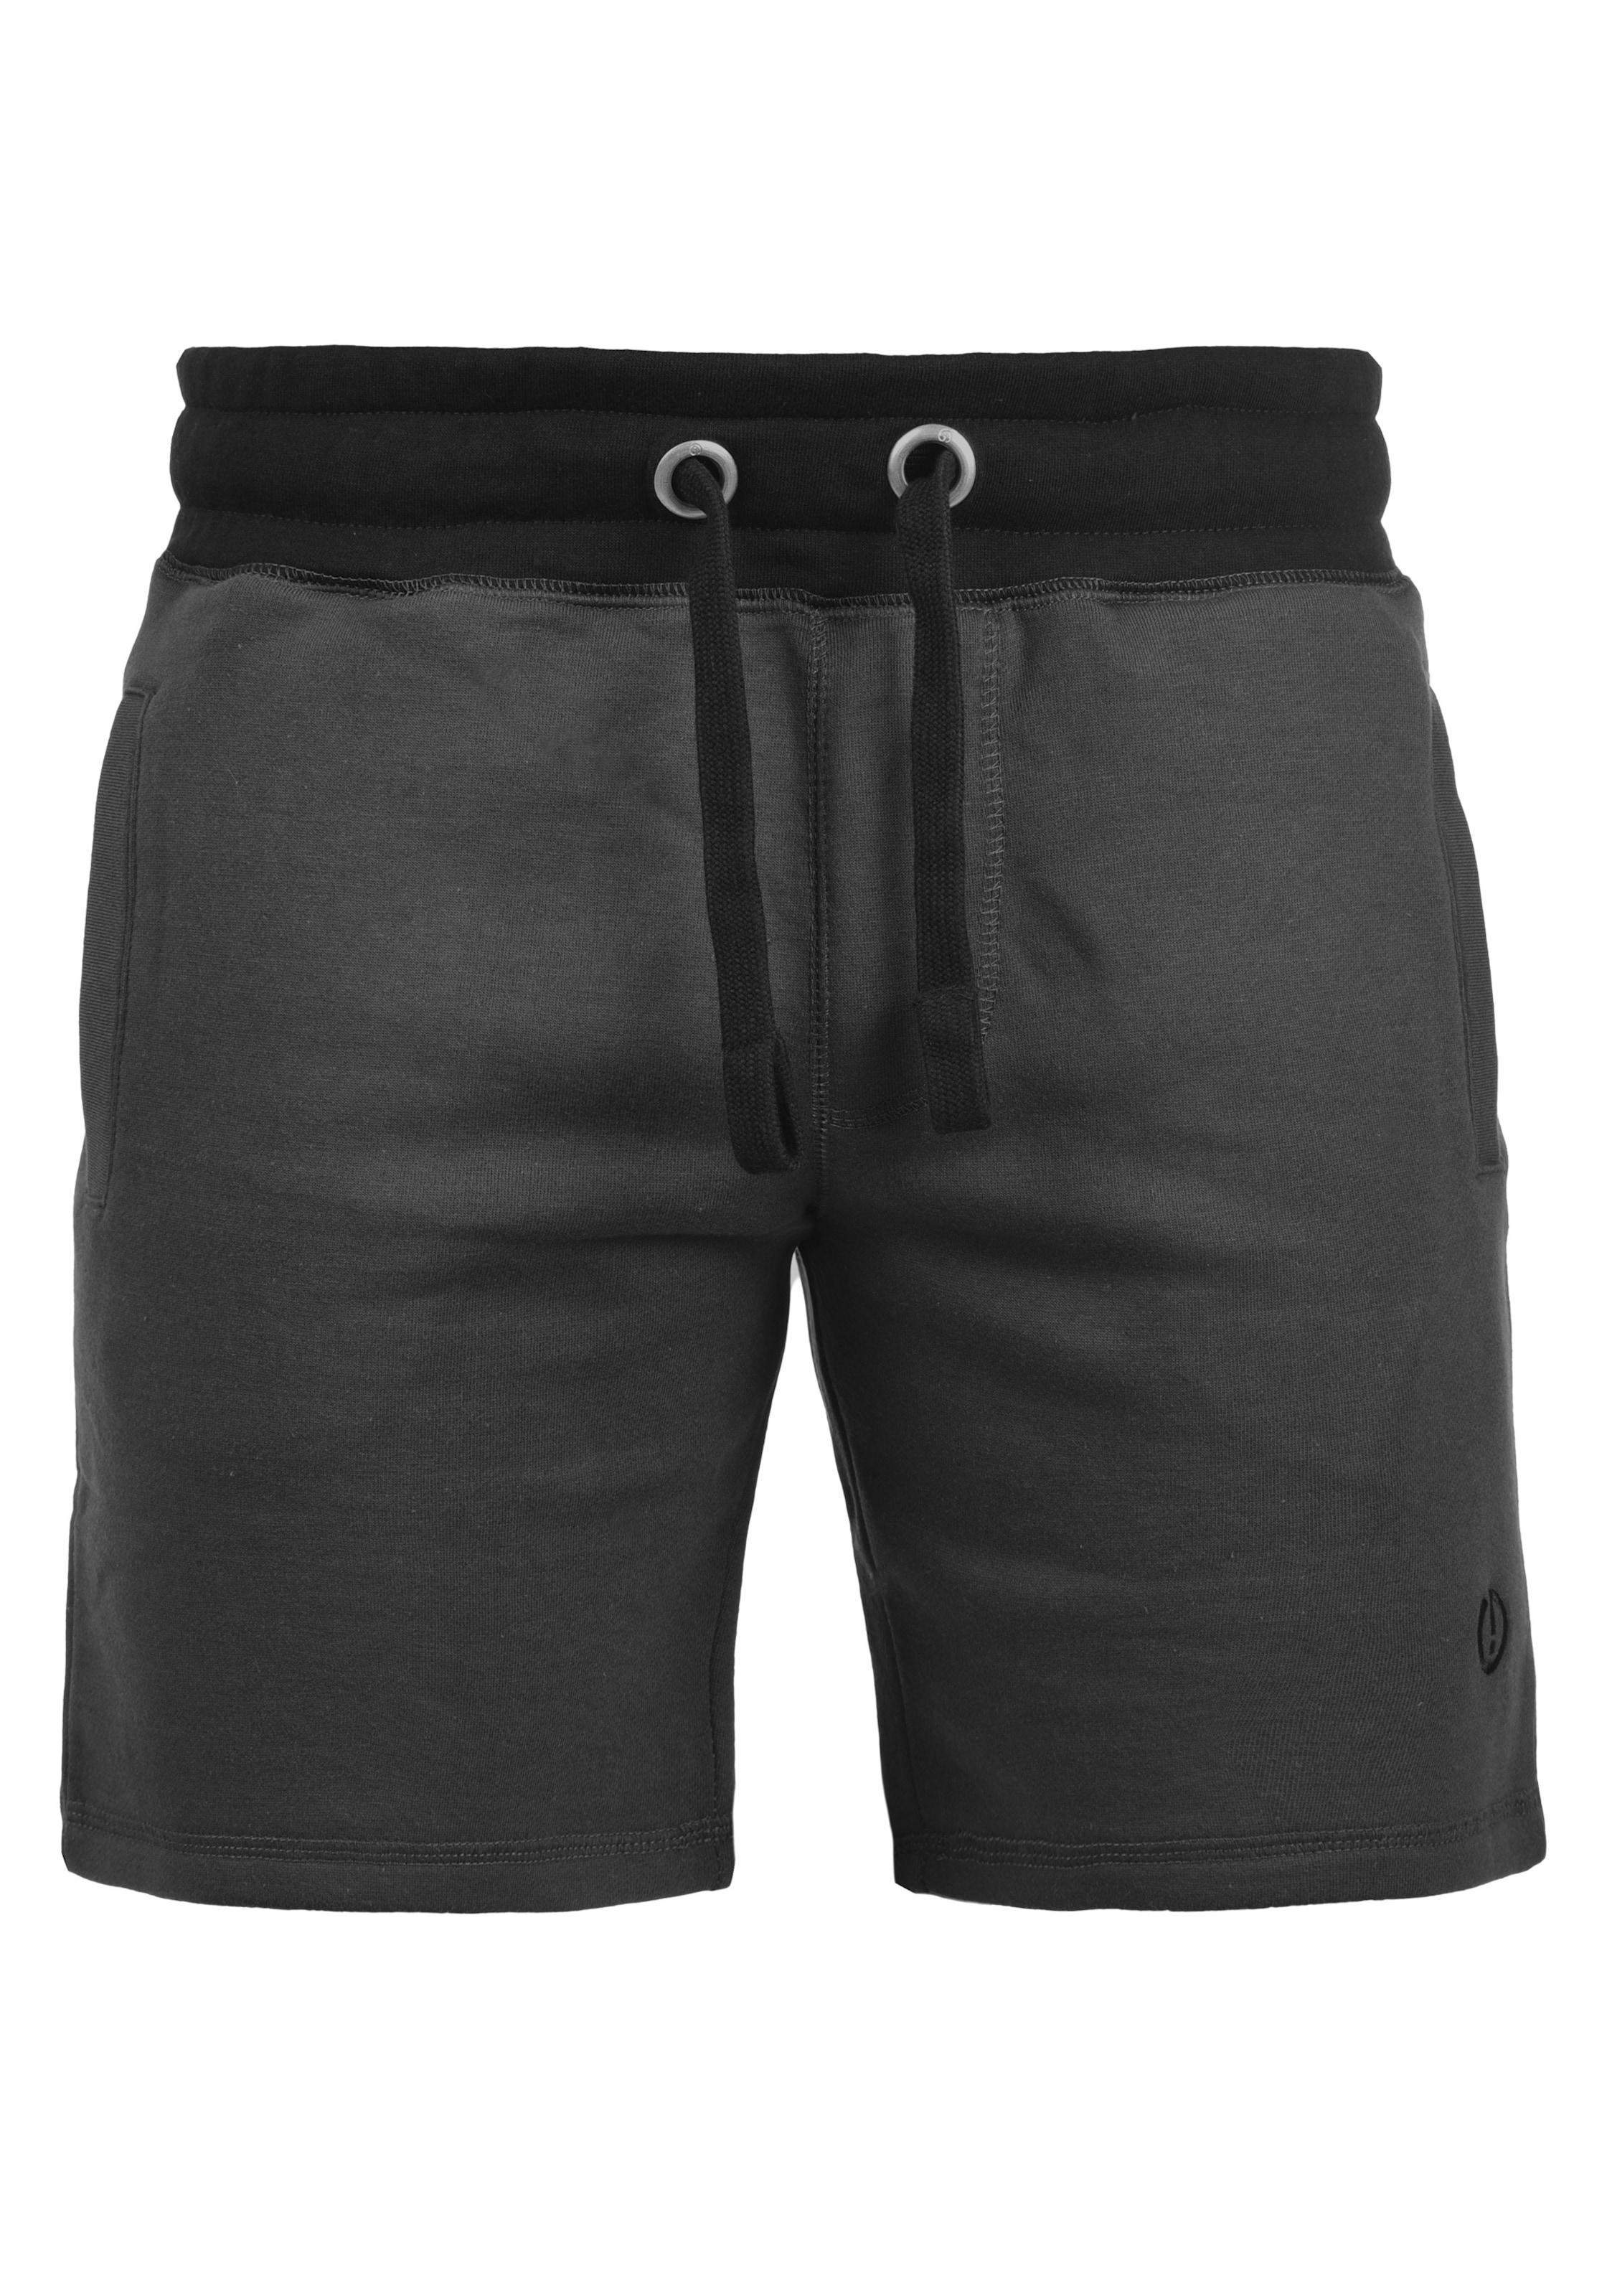 In solid 'benni' Grau solid Sweatshorts 'benni' Grau Sweatshorts solid Sweatshorts 'benni' In zVpqSUM